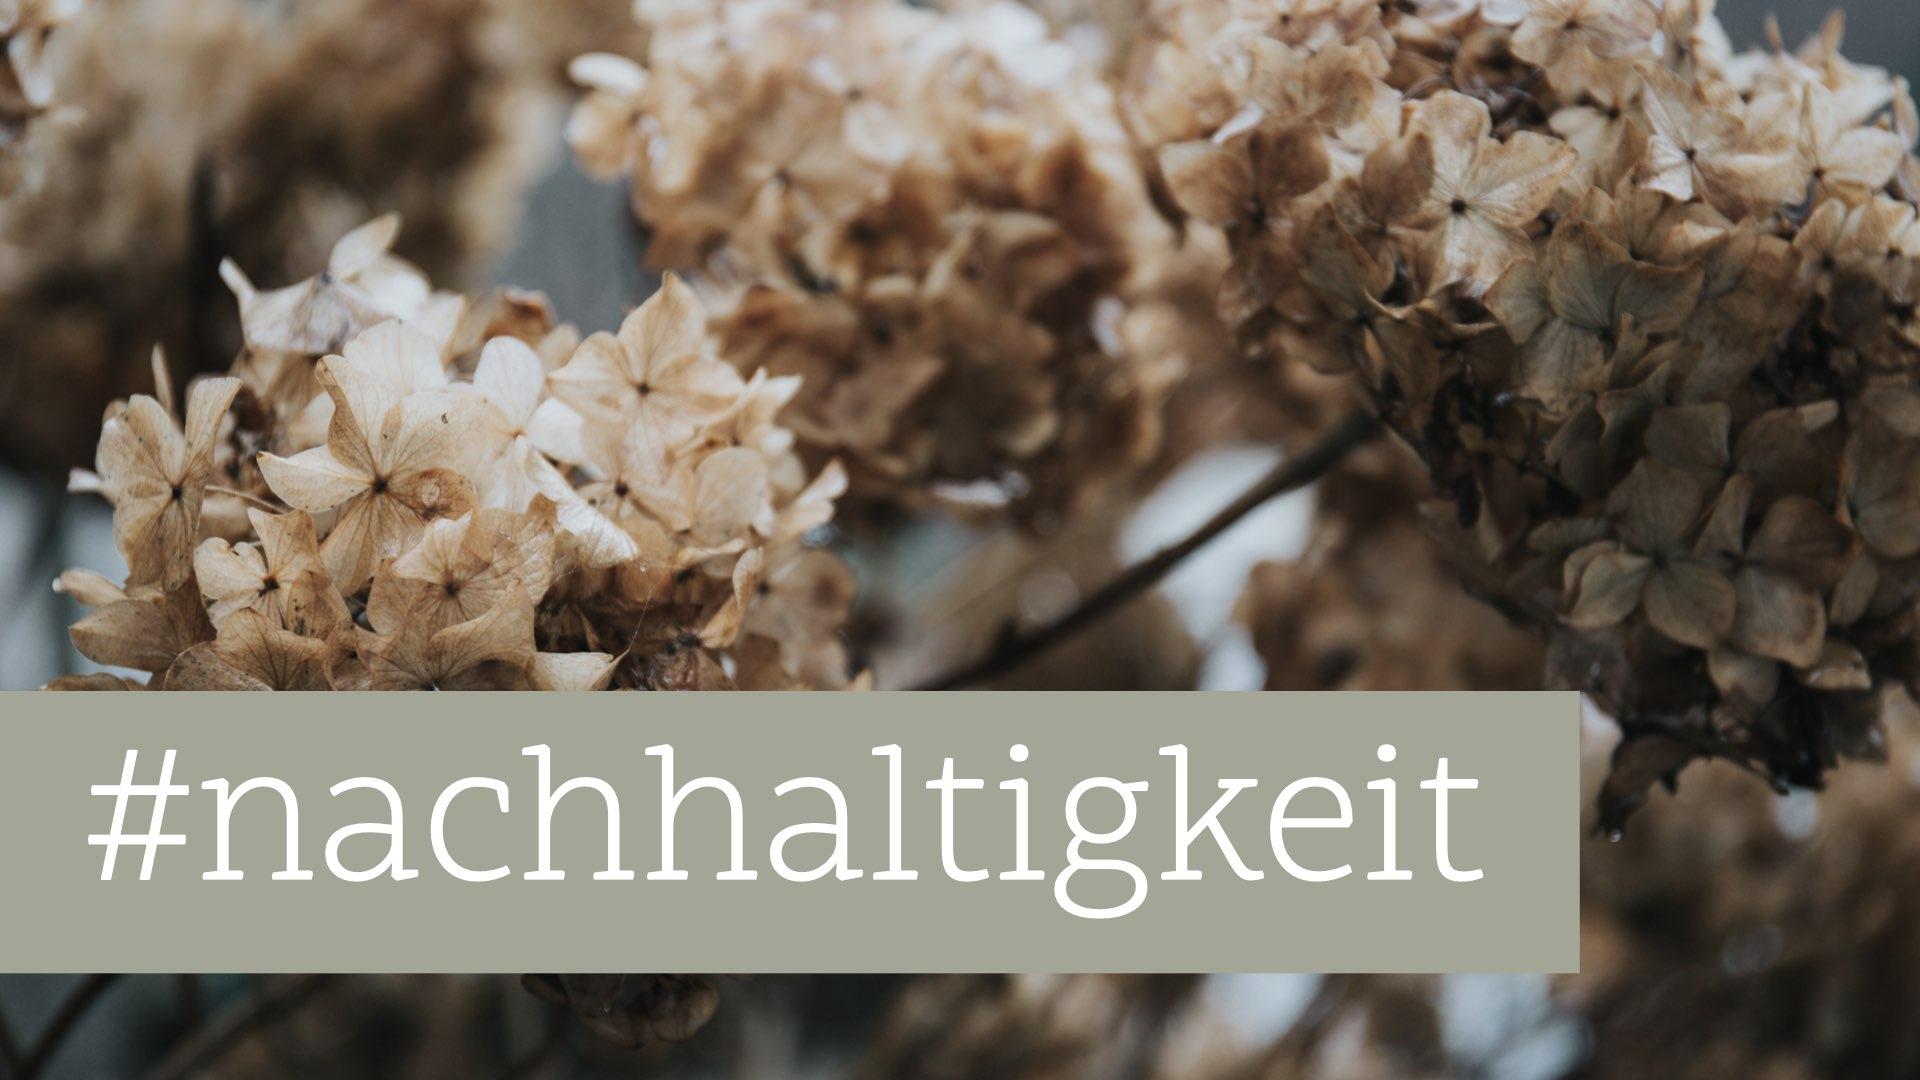 Nachhaltiges Webdesign: Die Onlinewelt nach Greta Thunberg